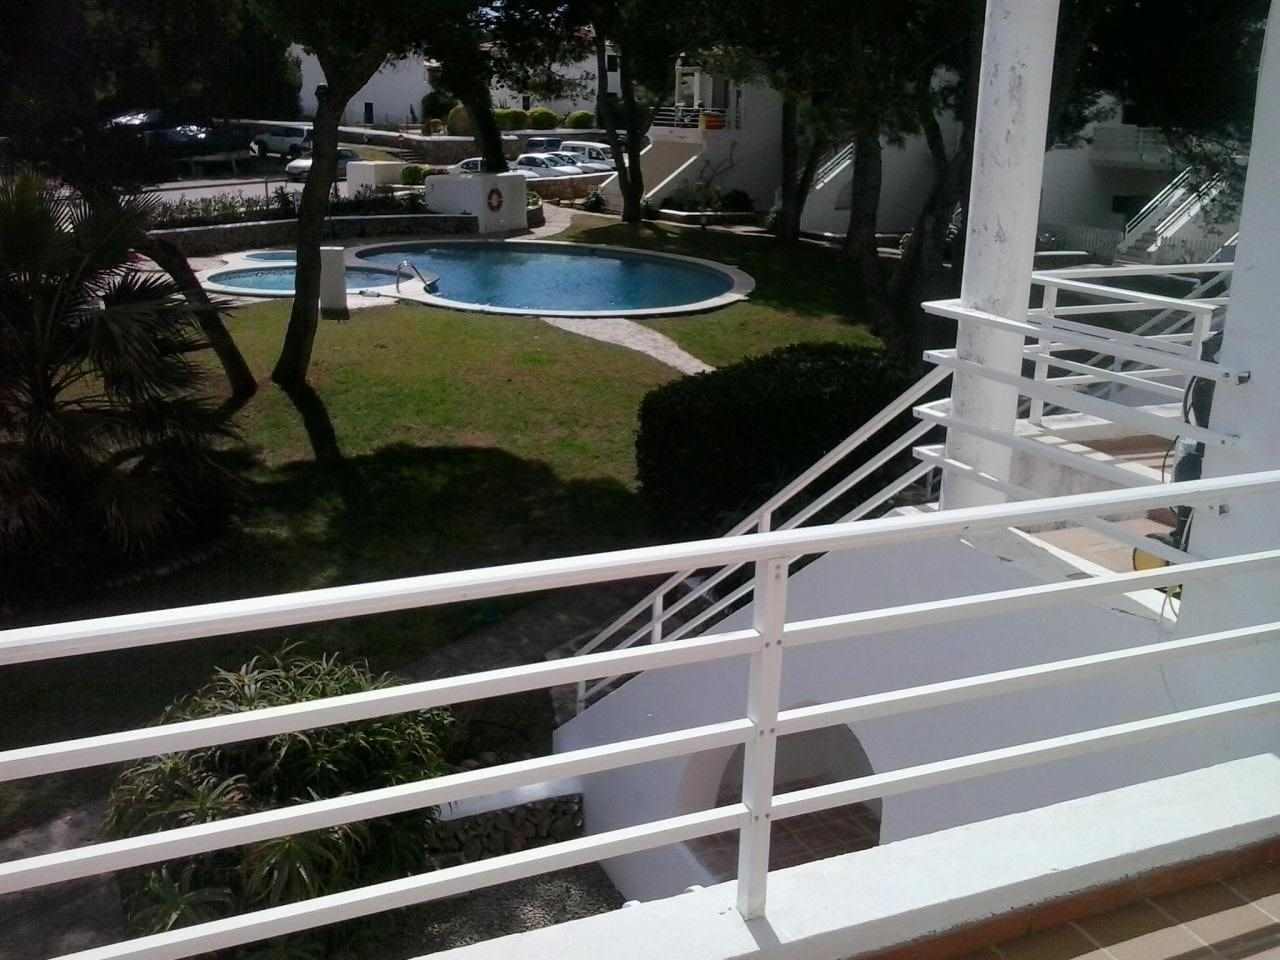 Alquiler vacaciones en Puerto Luz, Islas baleares